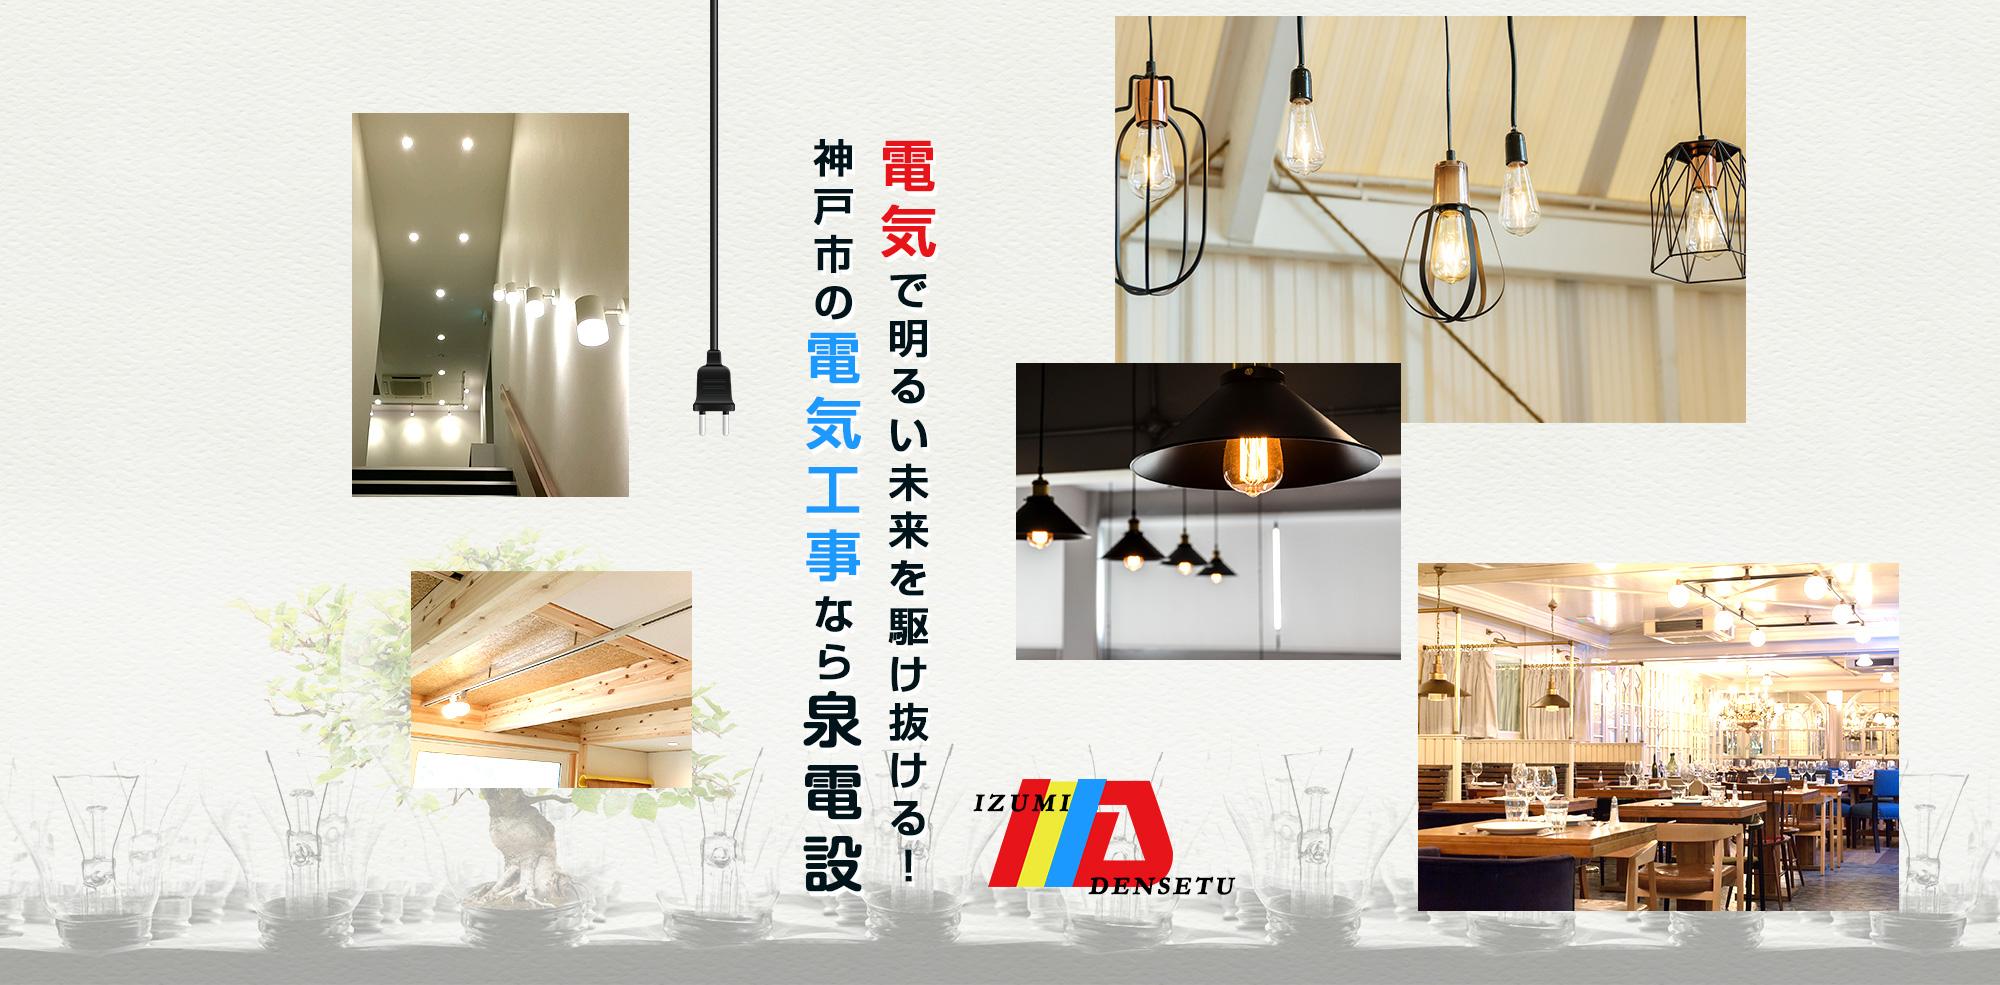 電気で明るい未来を駆け抜ける! 神戸市の電気工事なら泉電設